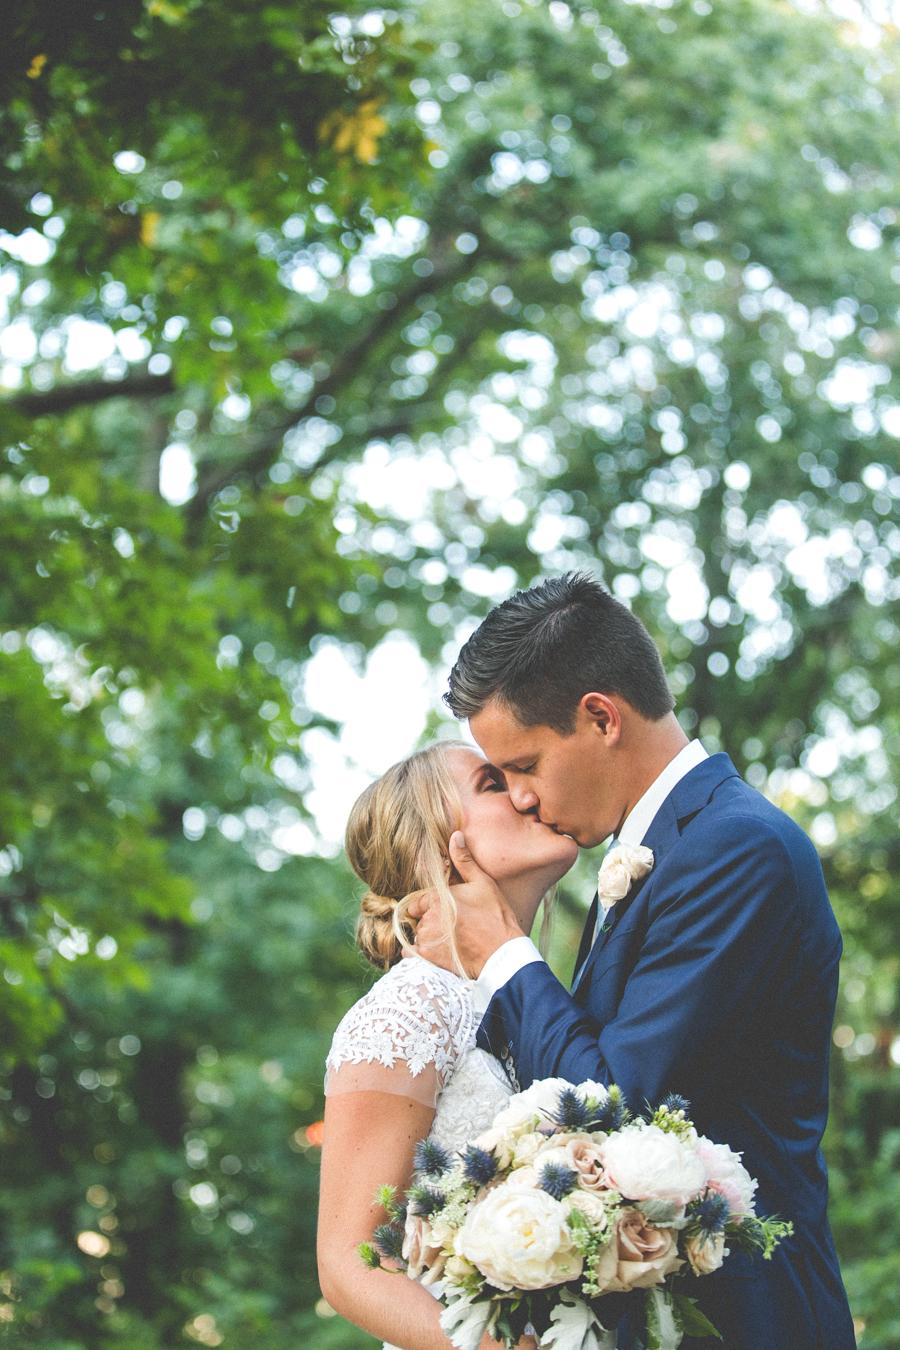 Bradi & James   Tulsa Wedding Photography   BlogBradi & James   Tulsa Wedding Photography   Blog-1-21